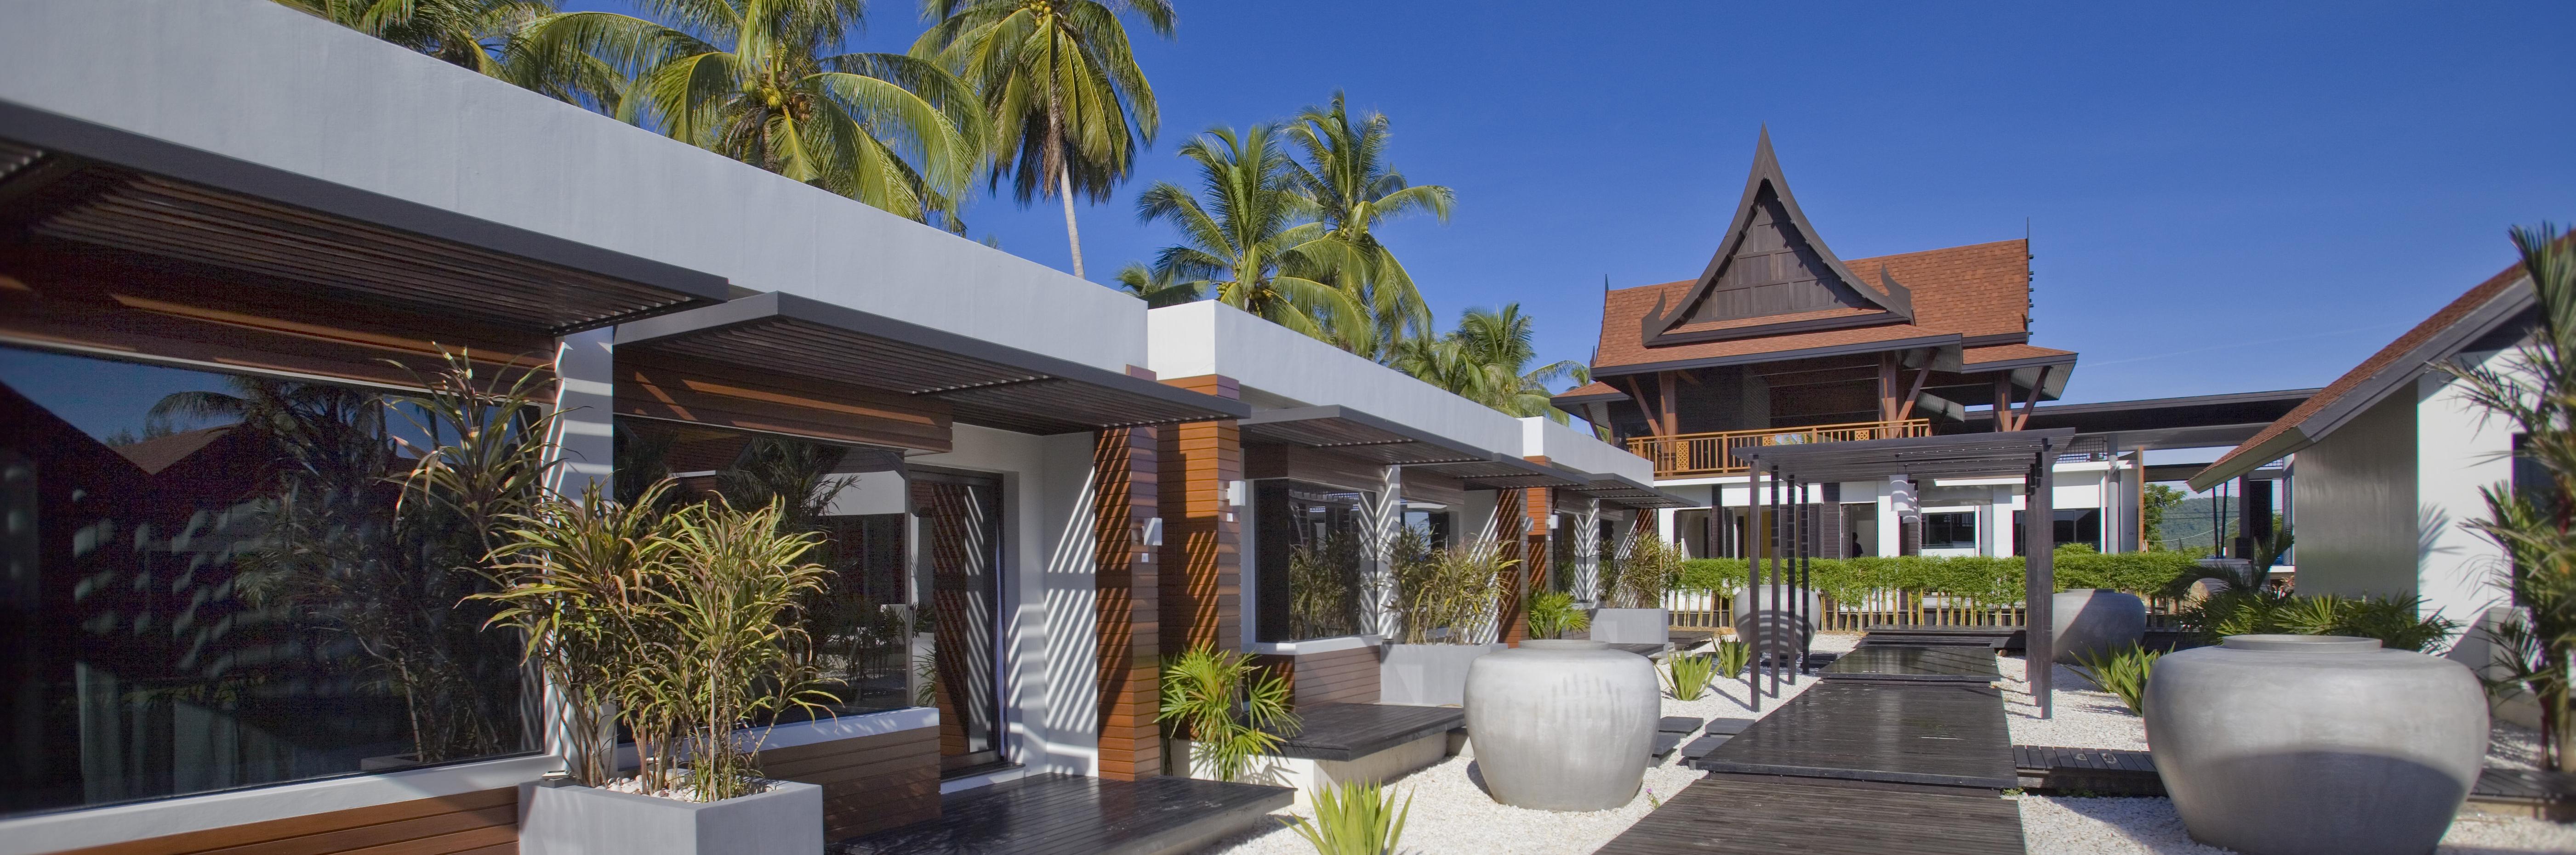 aava-resort-deluxe-bungalow-exterior